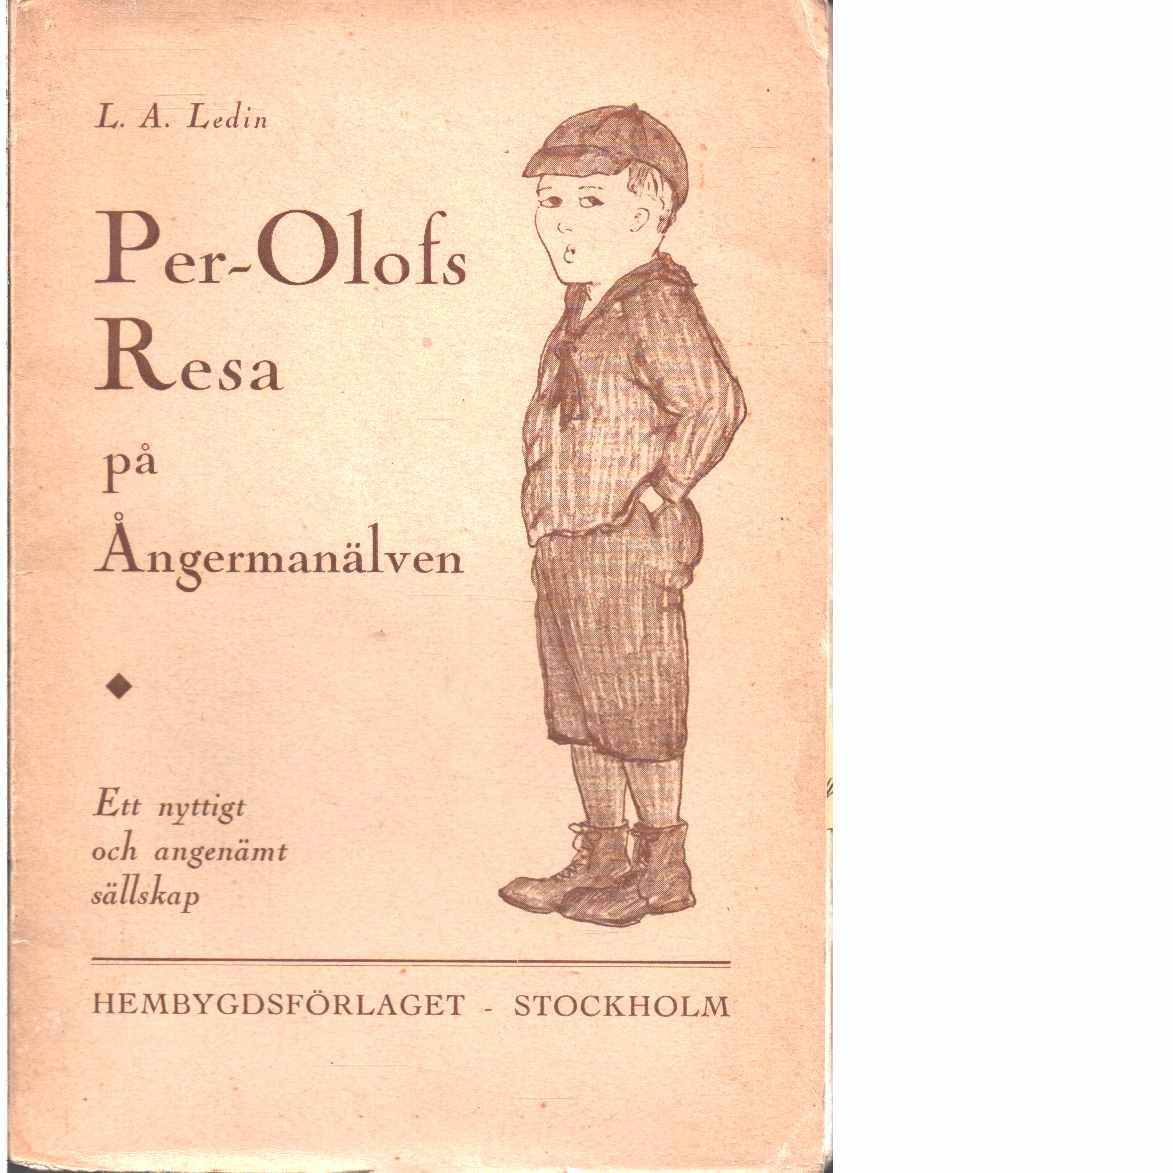 Per-Olofs resa på Ångermanälven : ett nyttigt och angenämt sällskap - Ledin, Lars August